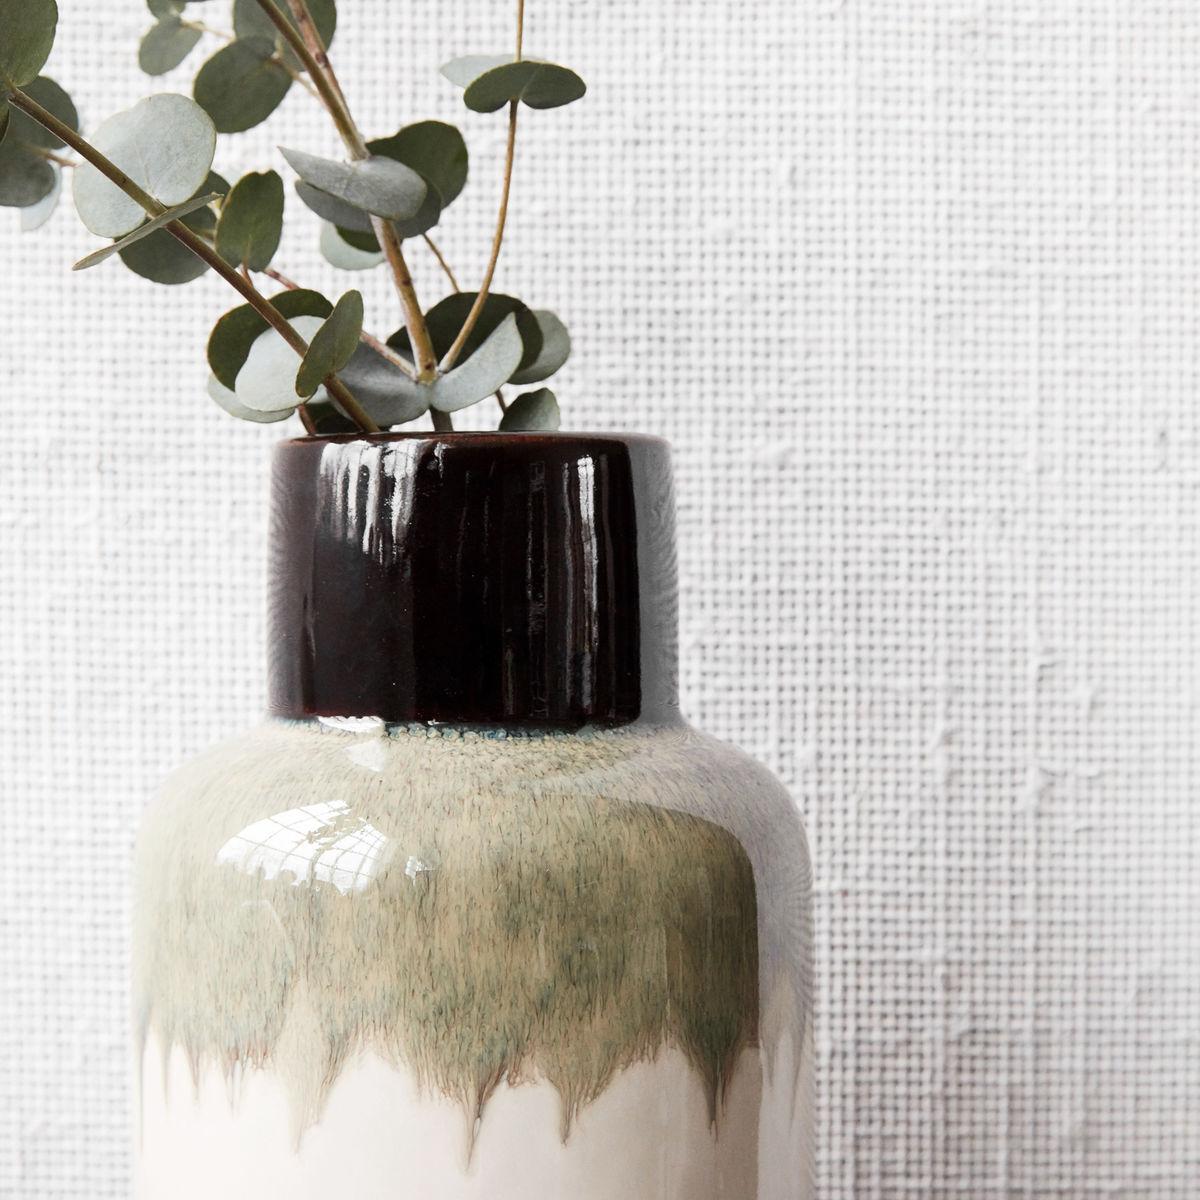 Ruka mocha vase close up